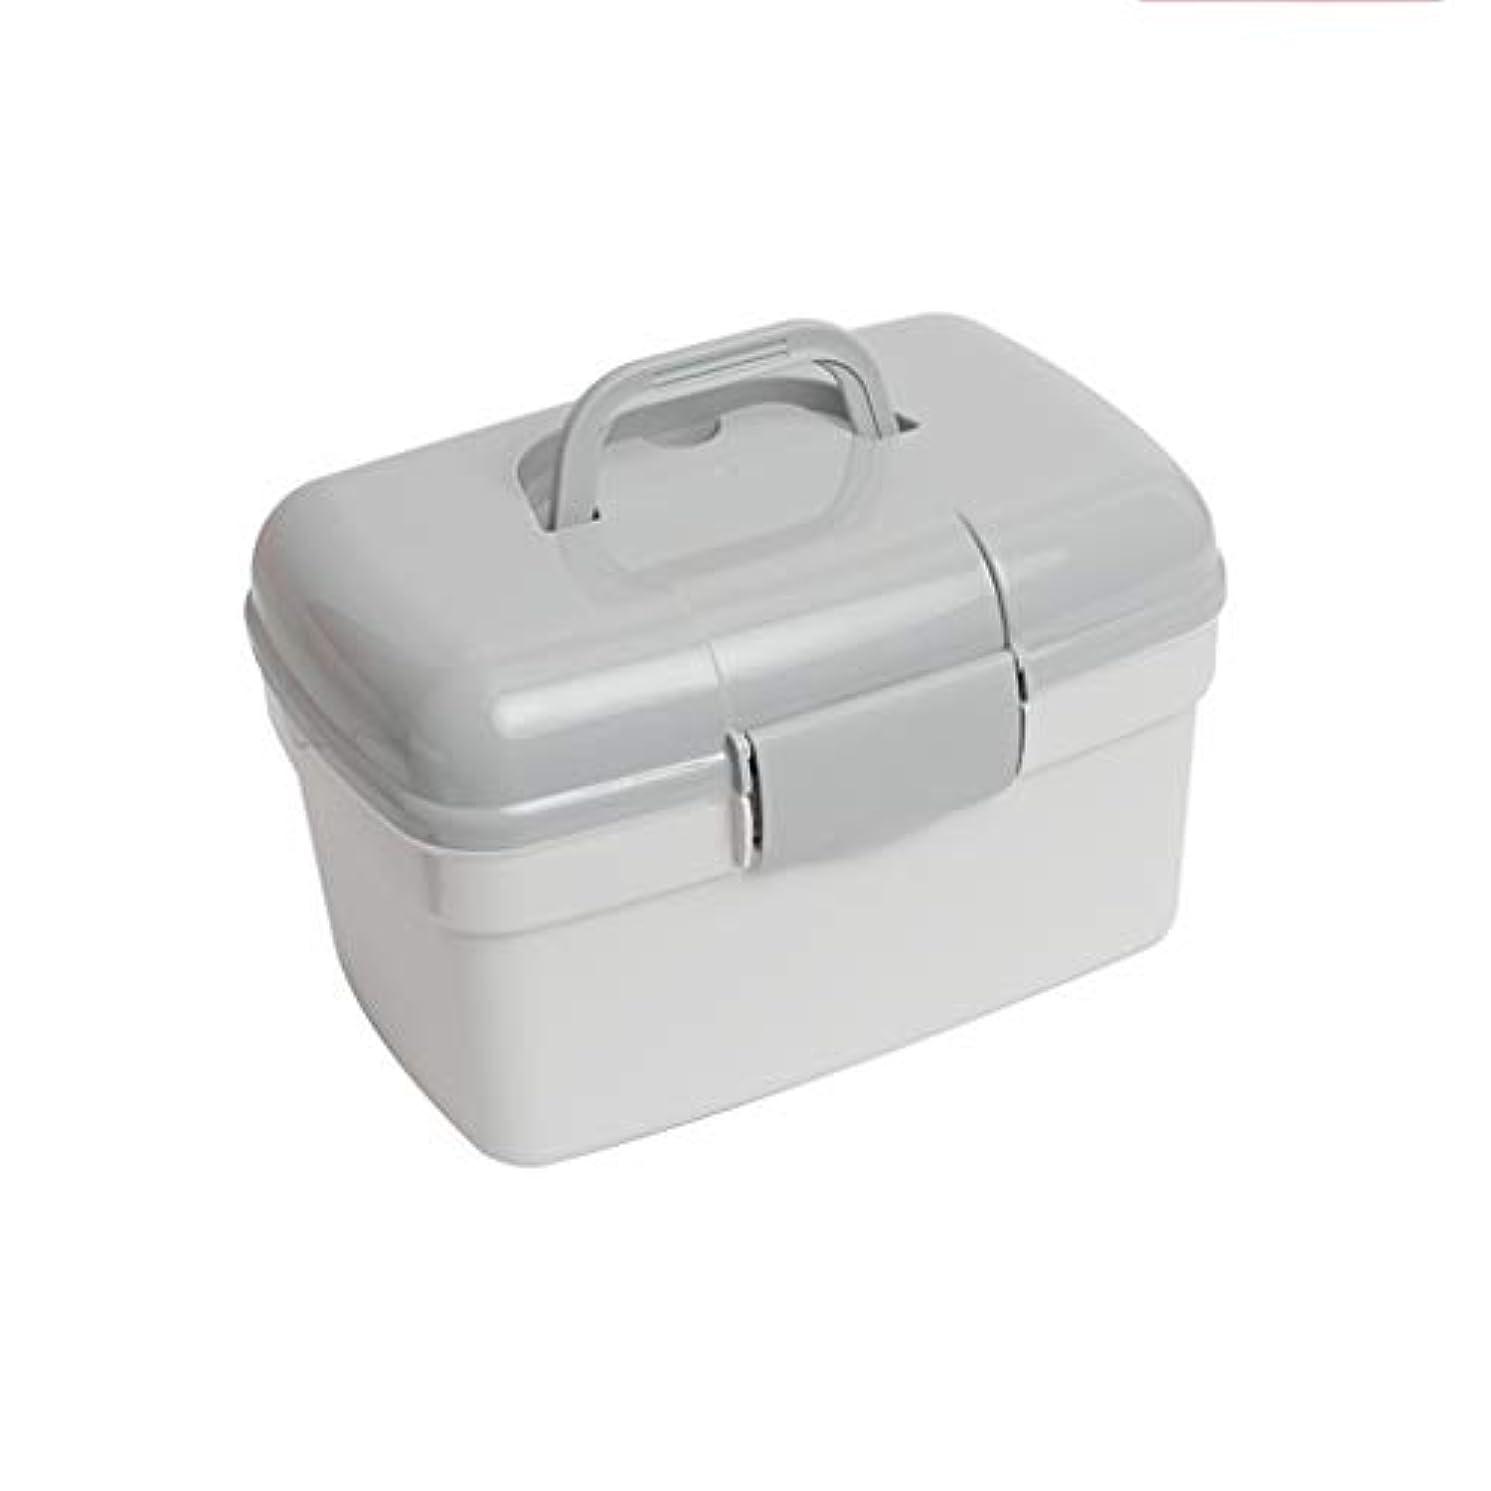 仕方講義からLWBUKK 家族用多層医療キット、プラスチック製医療用収納ボックス、家族用救急箱 医療箱 (Color : Gray)